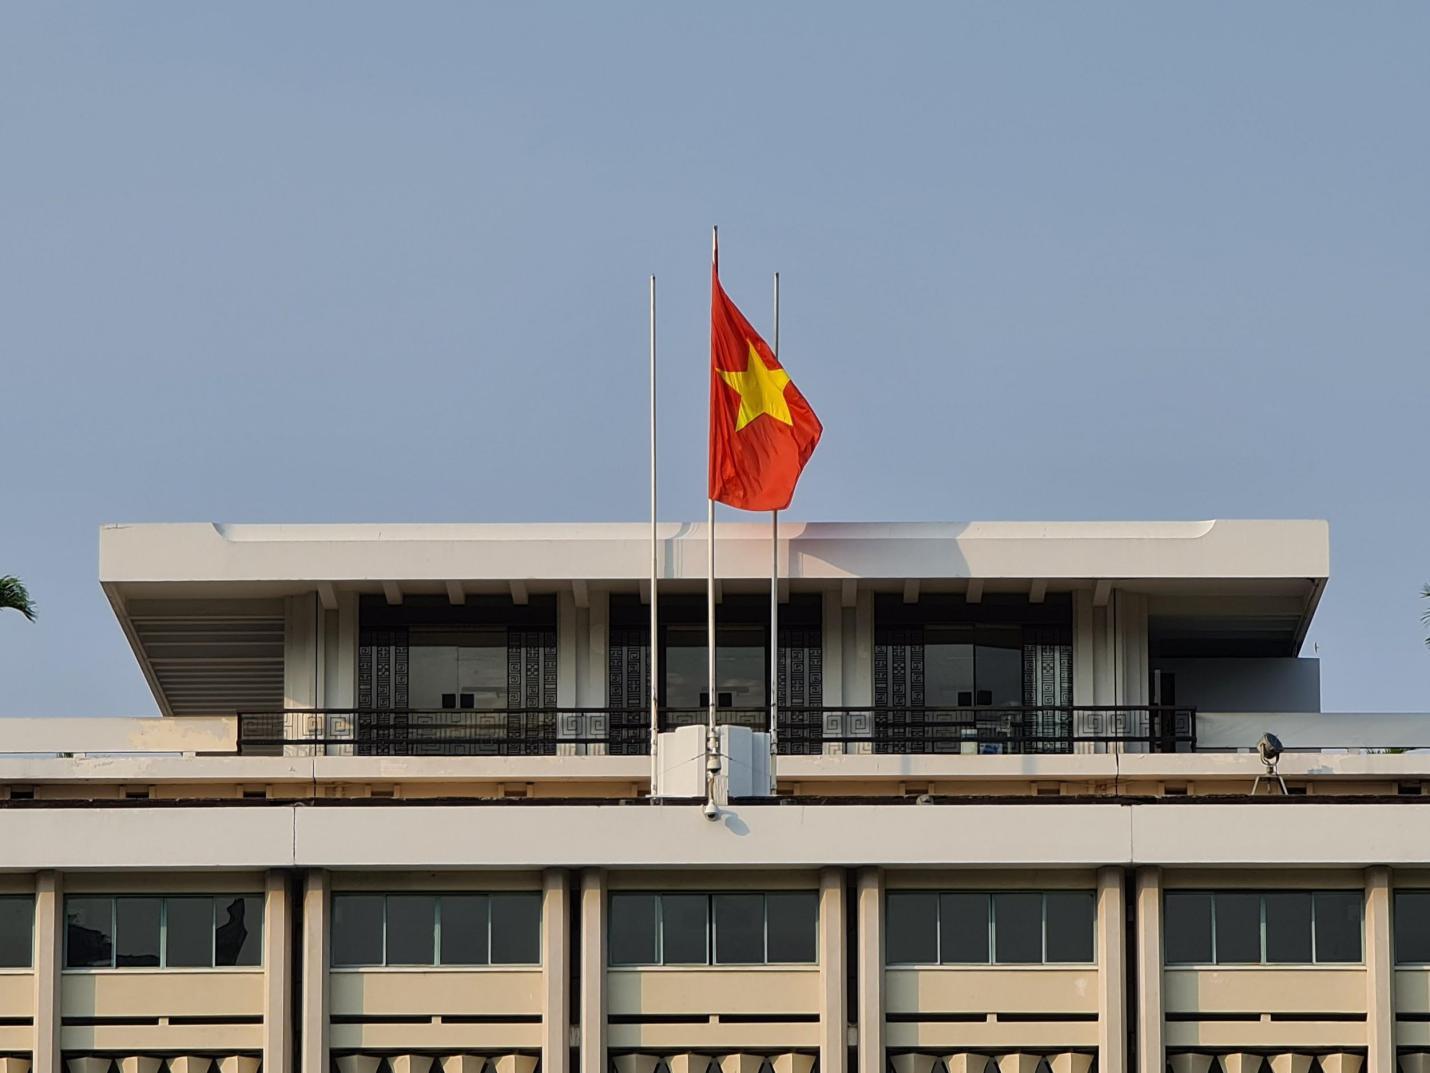 Ở nhà tranh thủ ngắm nhìn Sài Gòn ngay lúc này: nhận ra nhiều điều hay, vẻ đẹp mình lỡ đánh rơi - Ảnh 8.